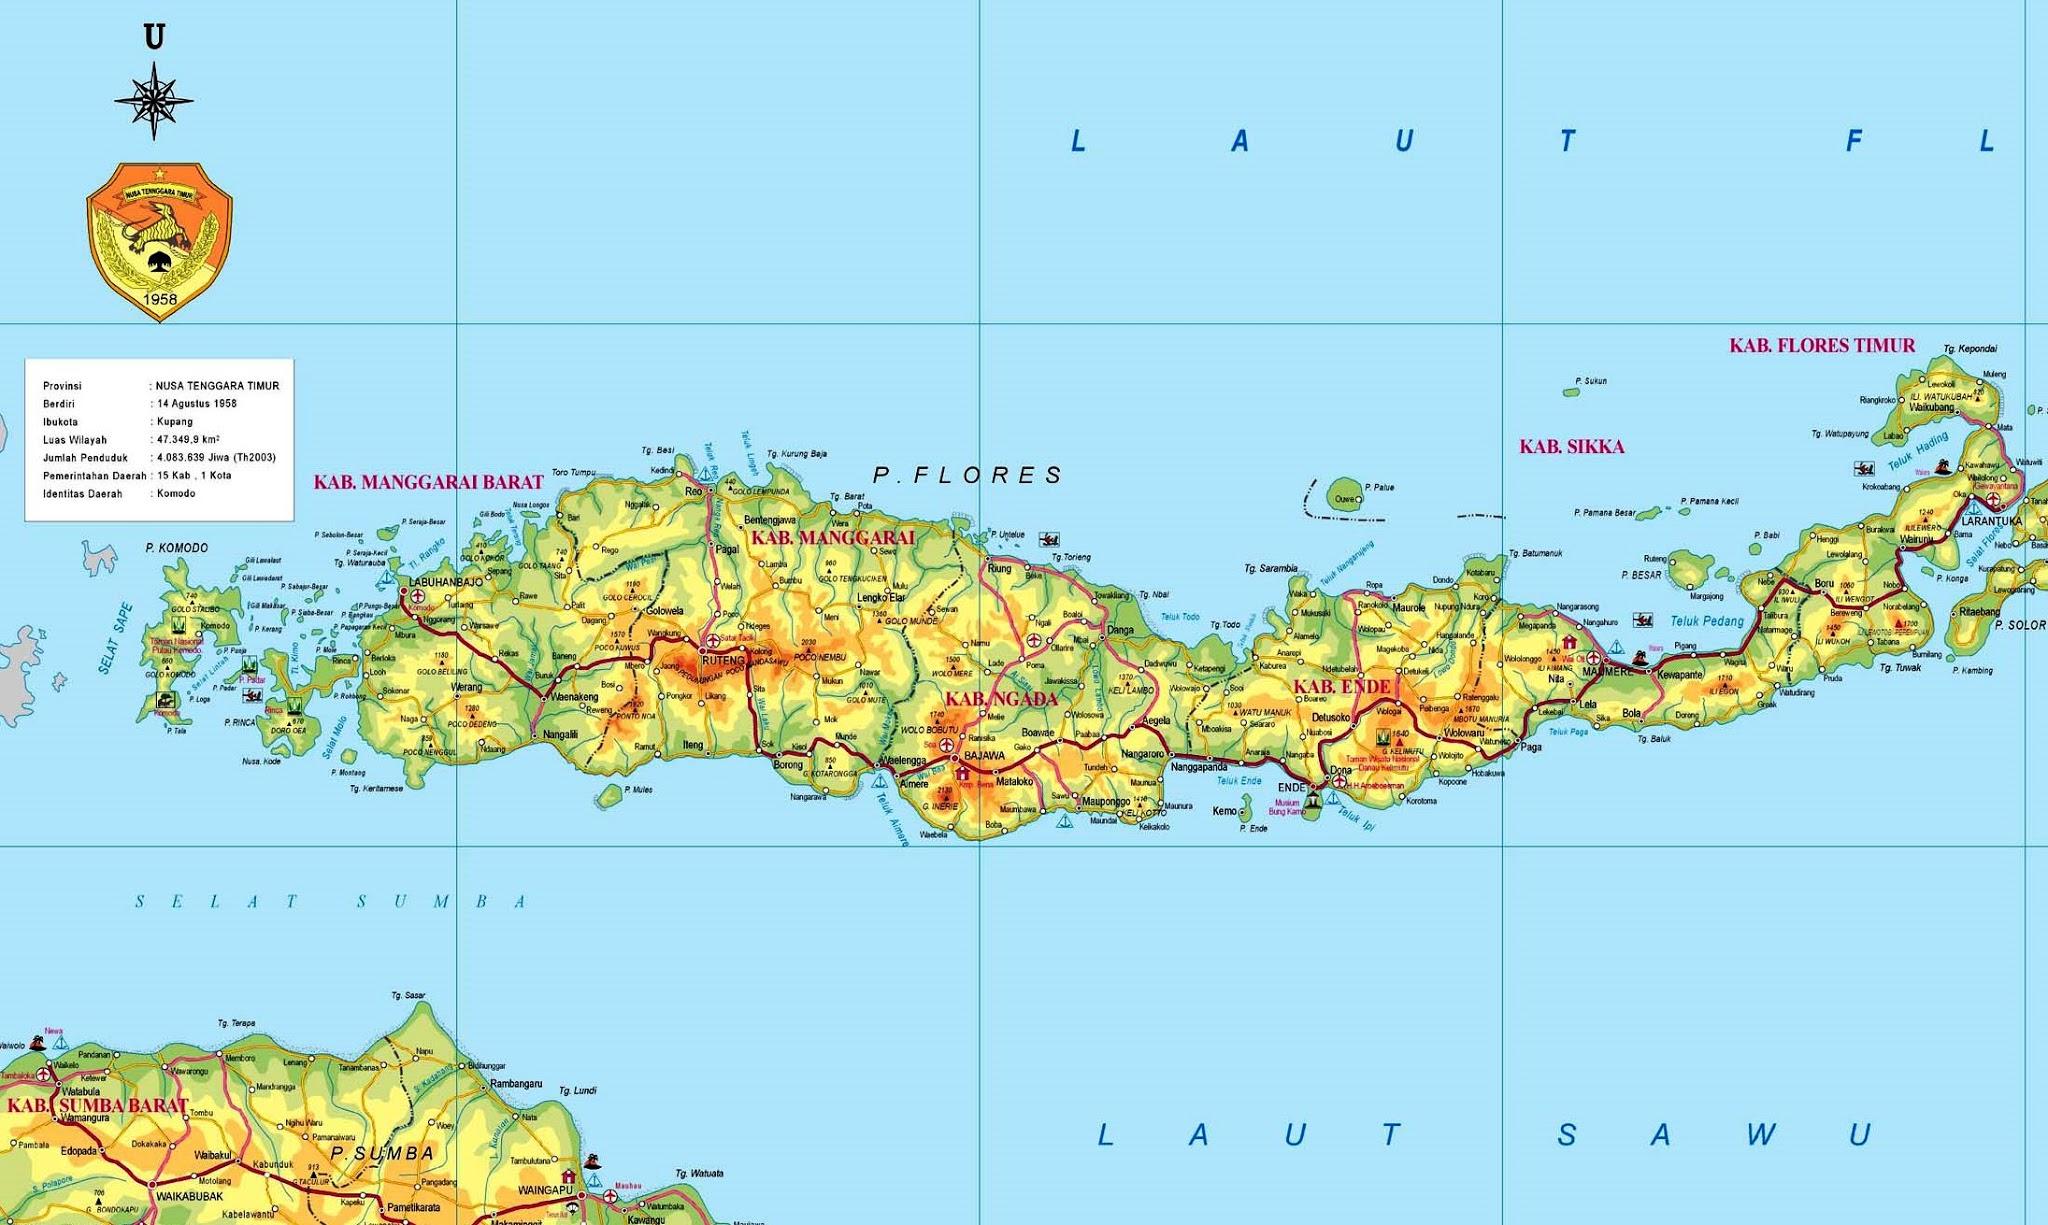 Peta Kota Pulau Flores Gambar Sketsa Bali